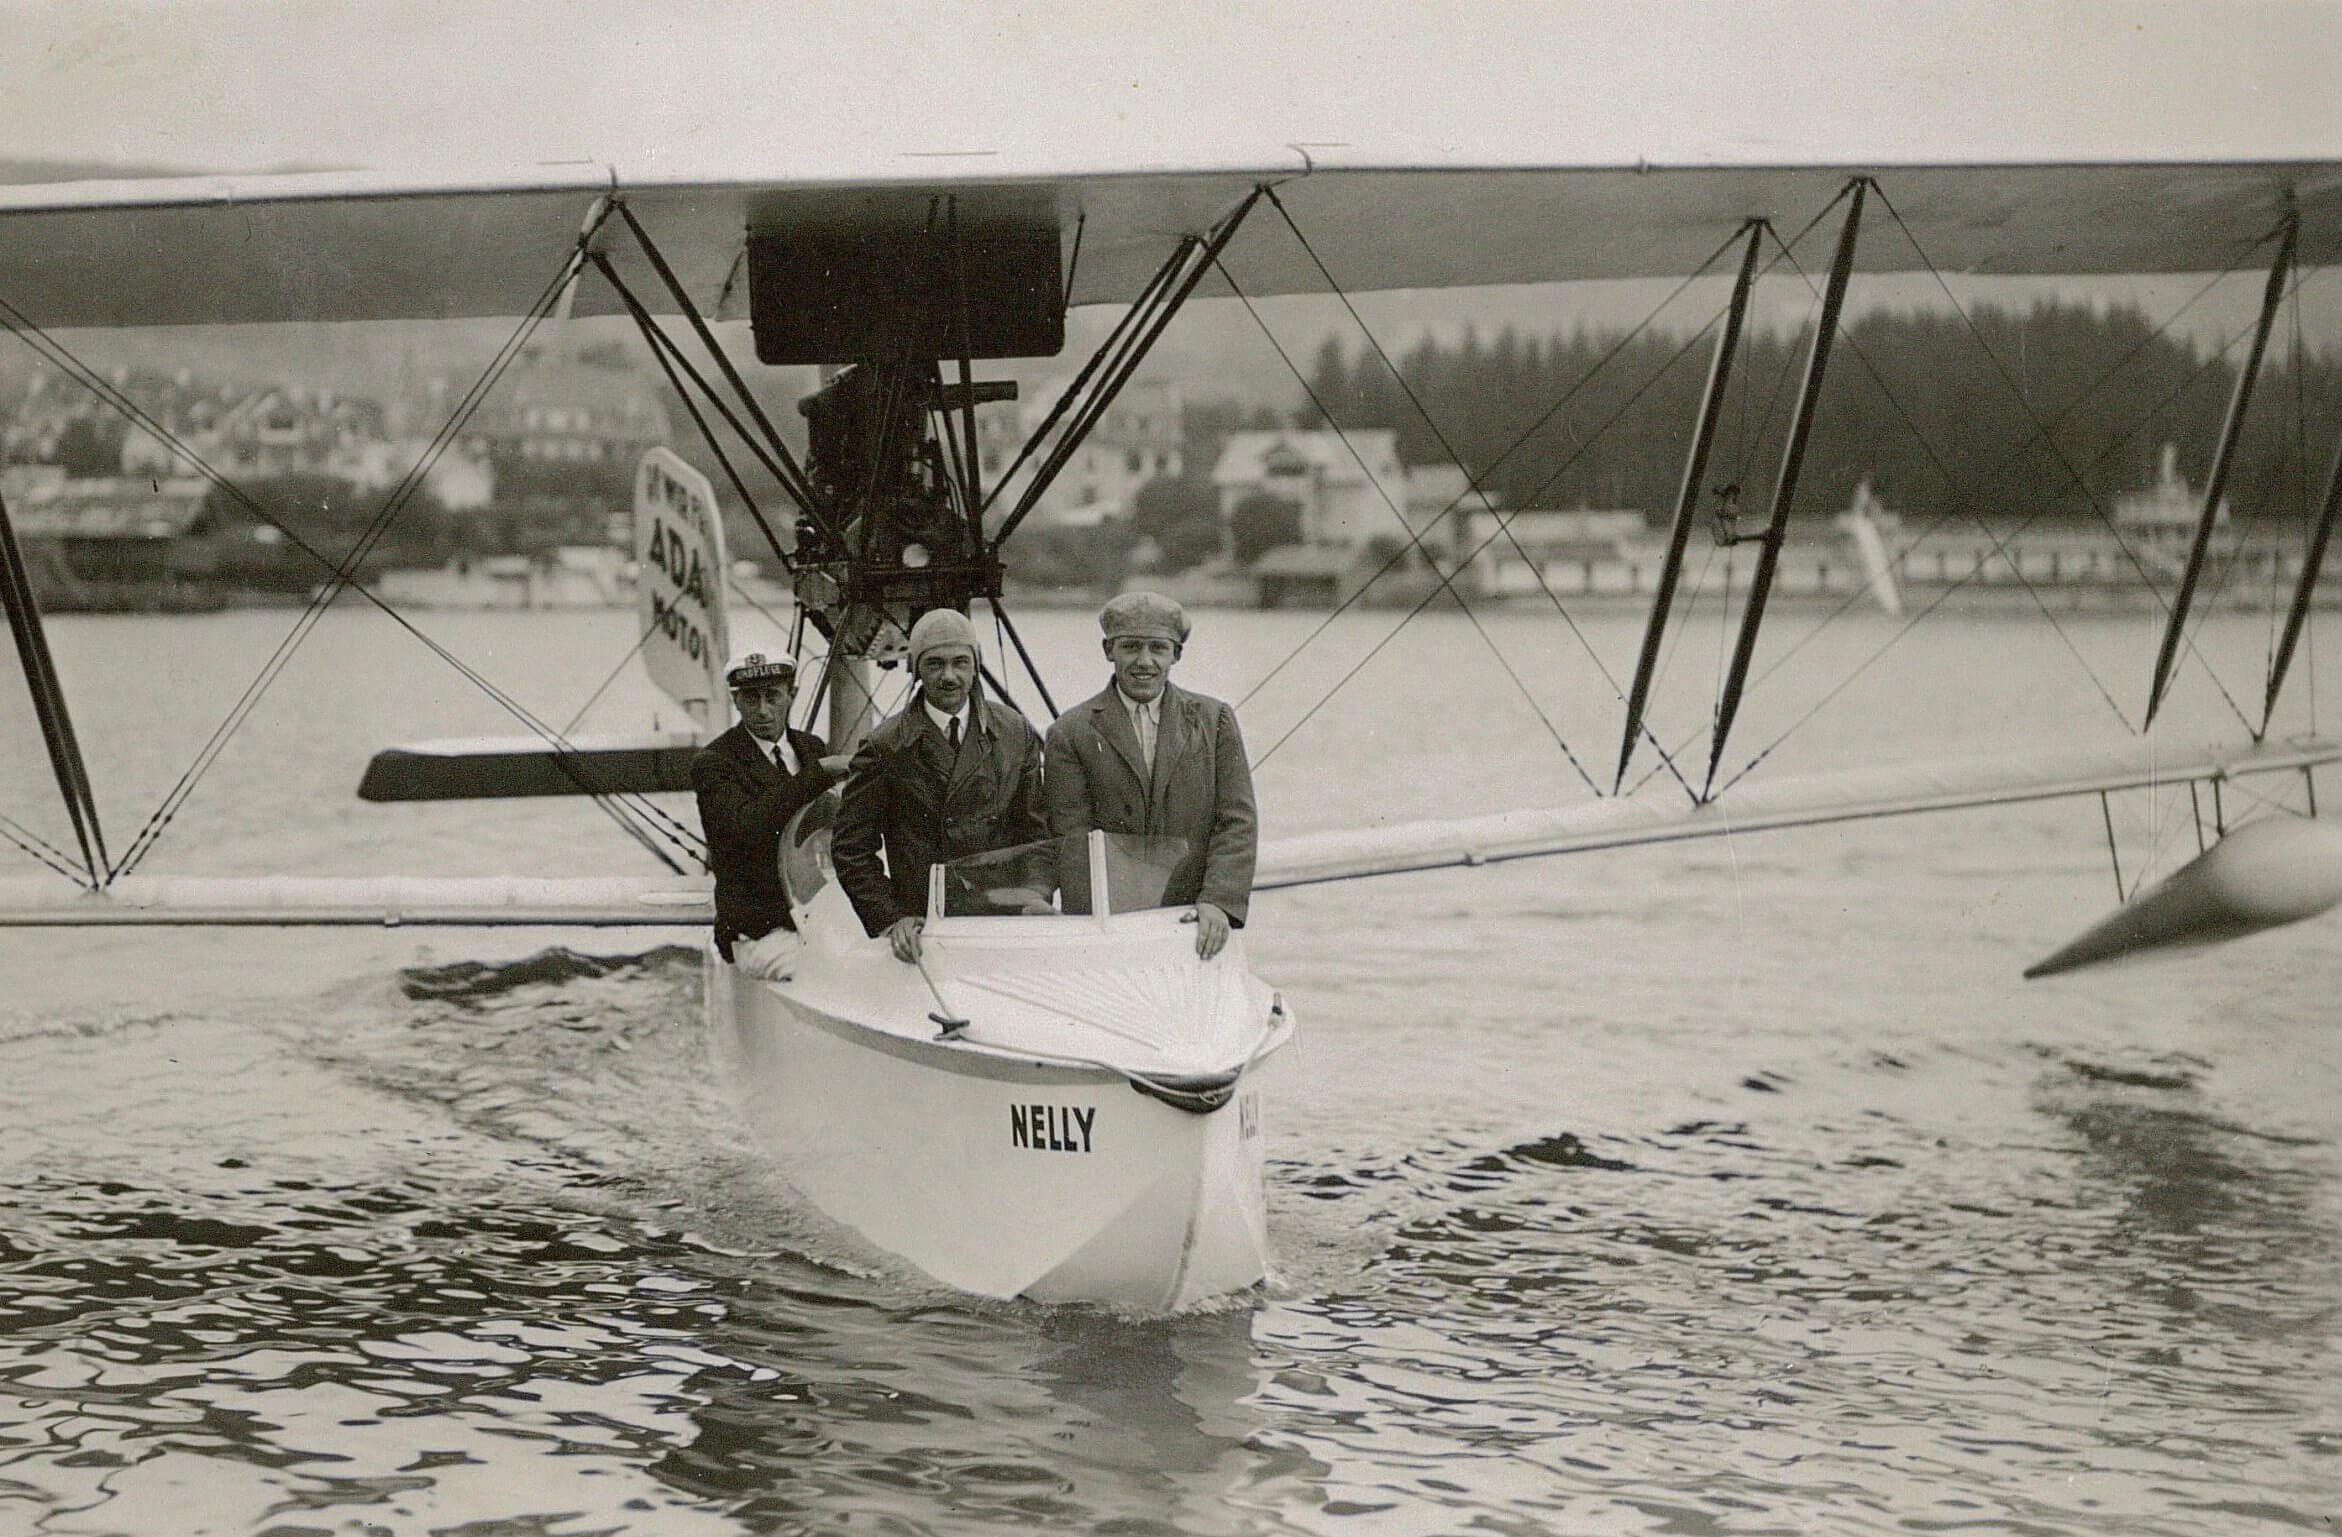 Nelly Wasserflugzeug